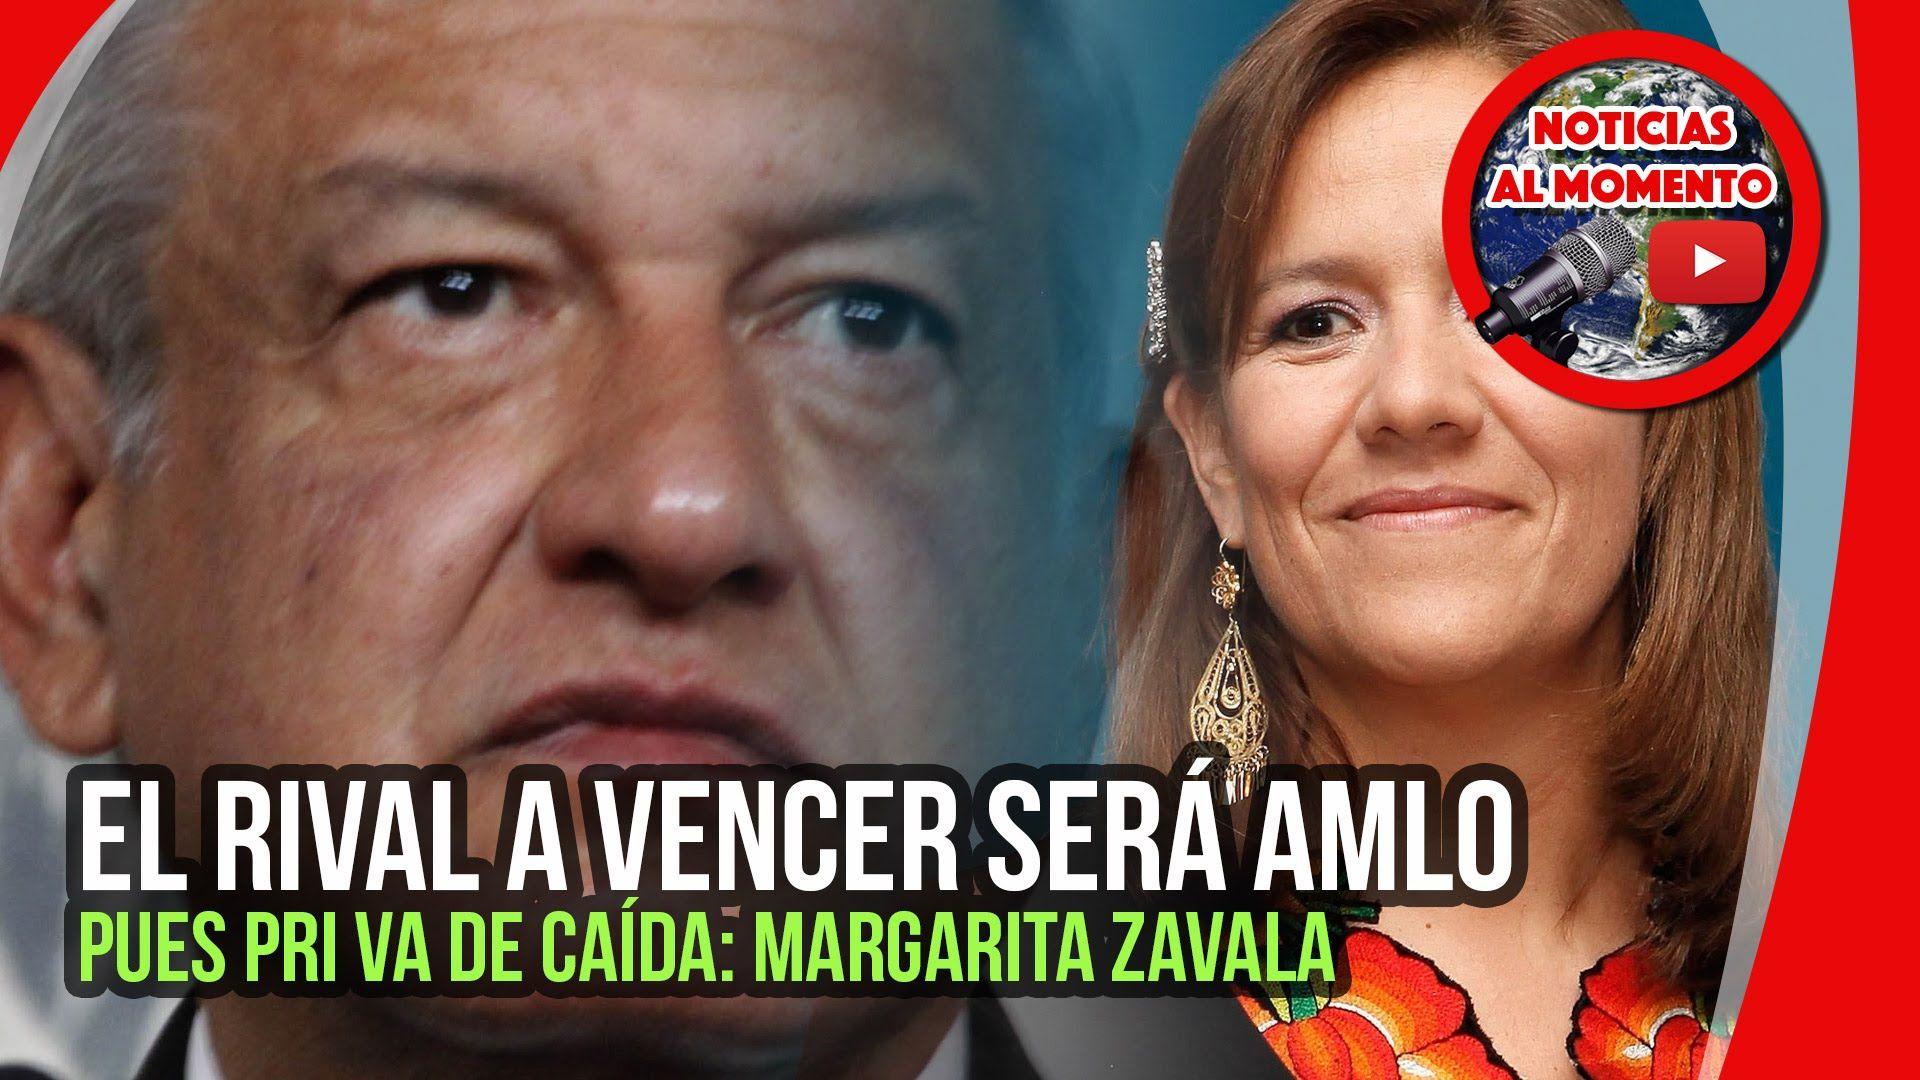 El rival a vencer será AMLO pues PRI va de caída: Margarita Zavala 🔴 | N...